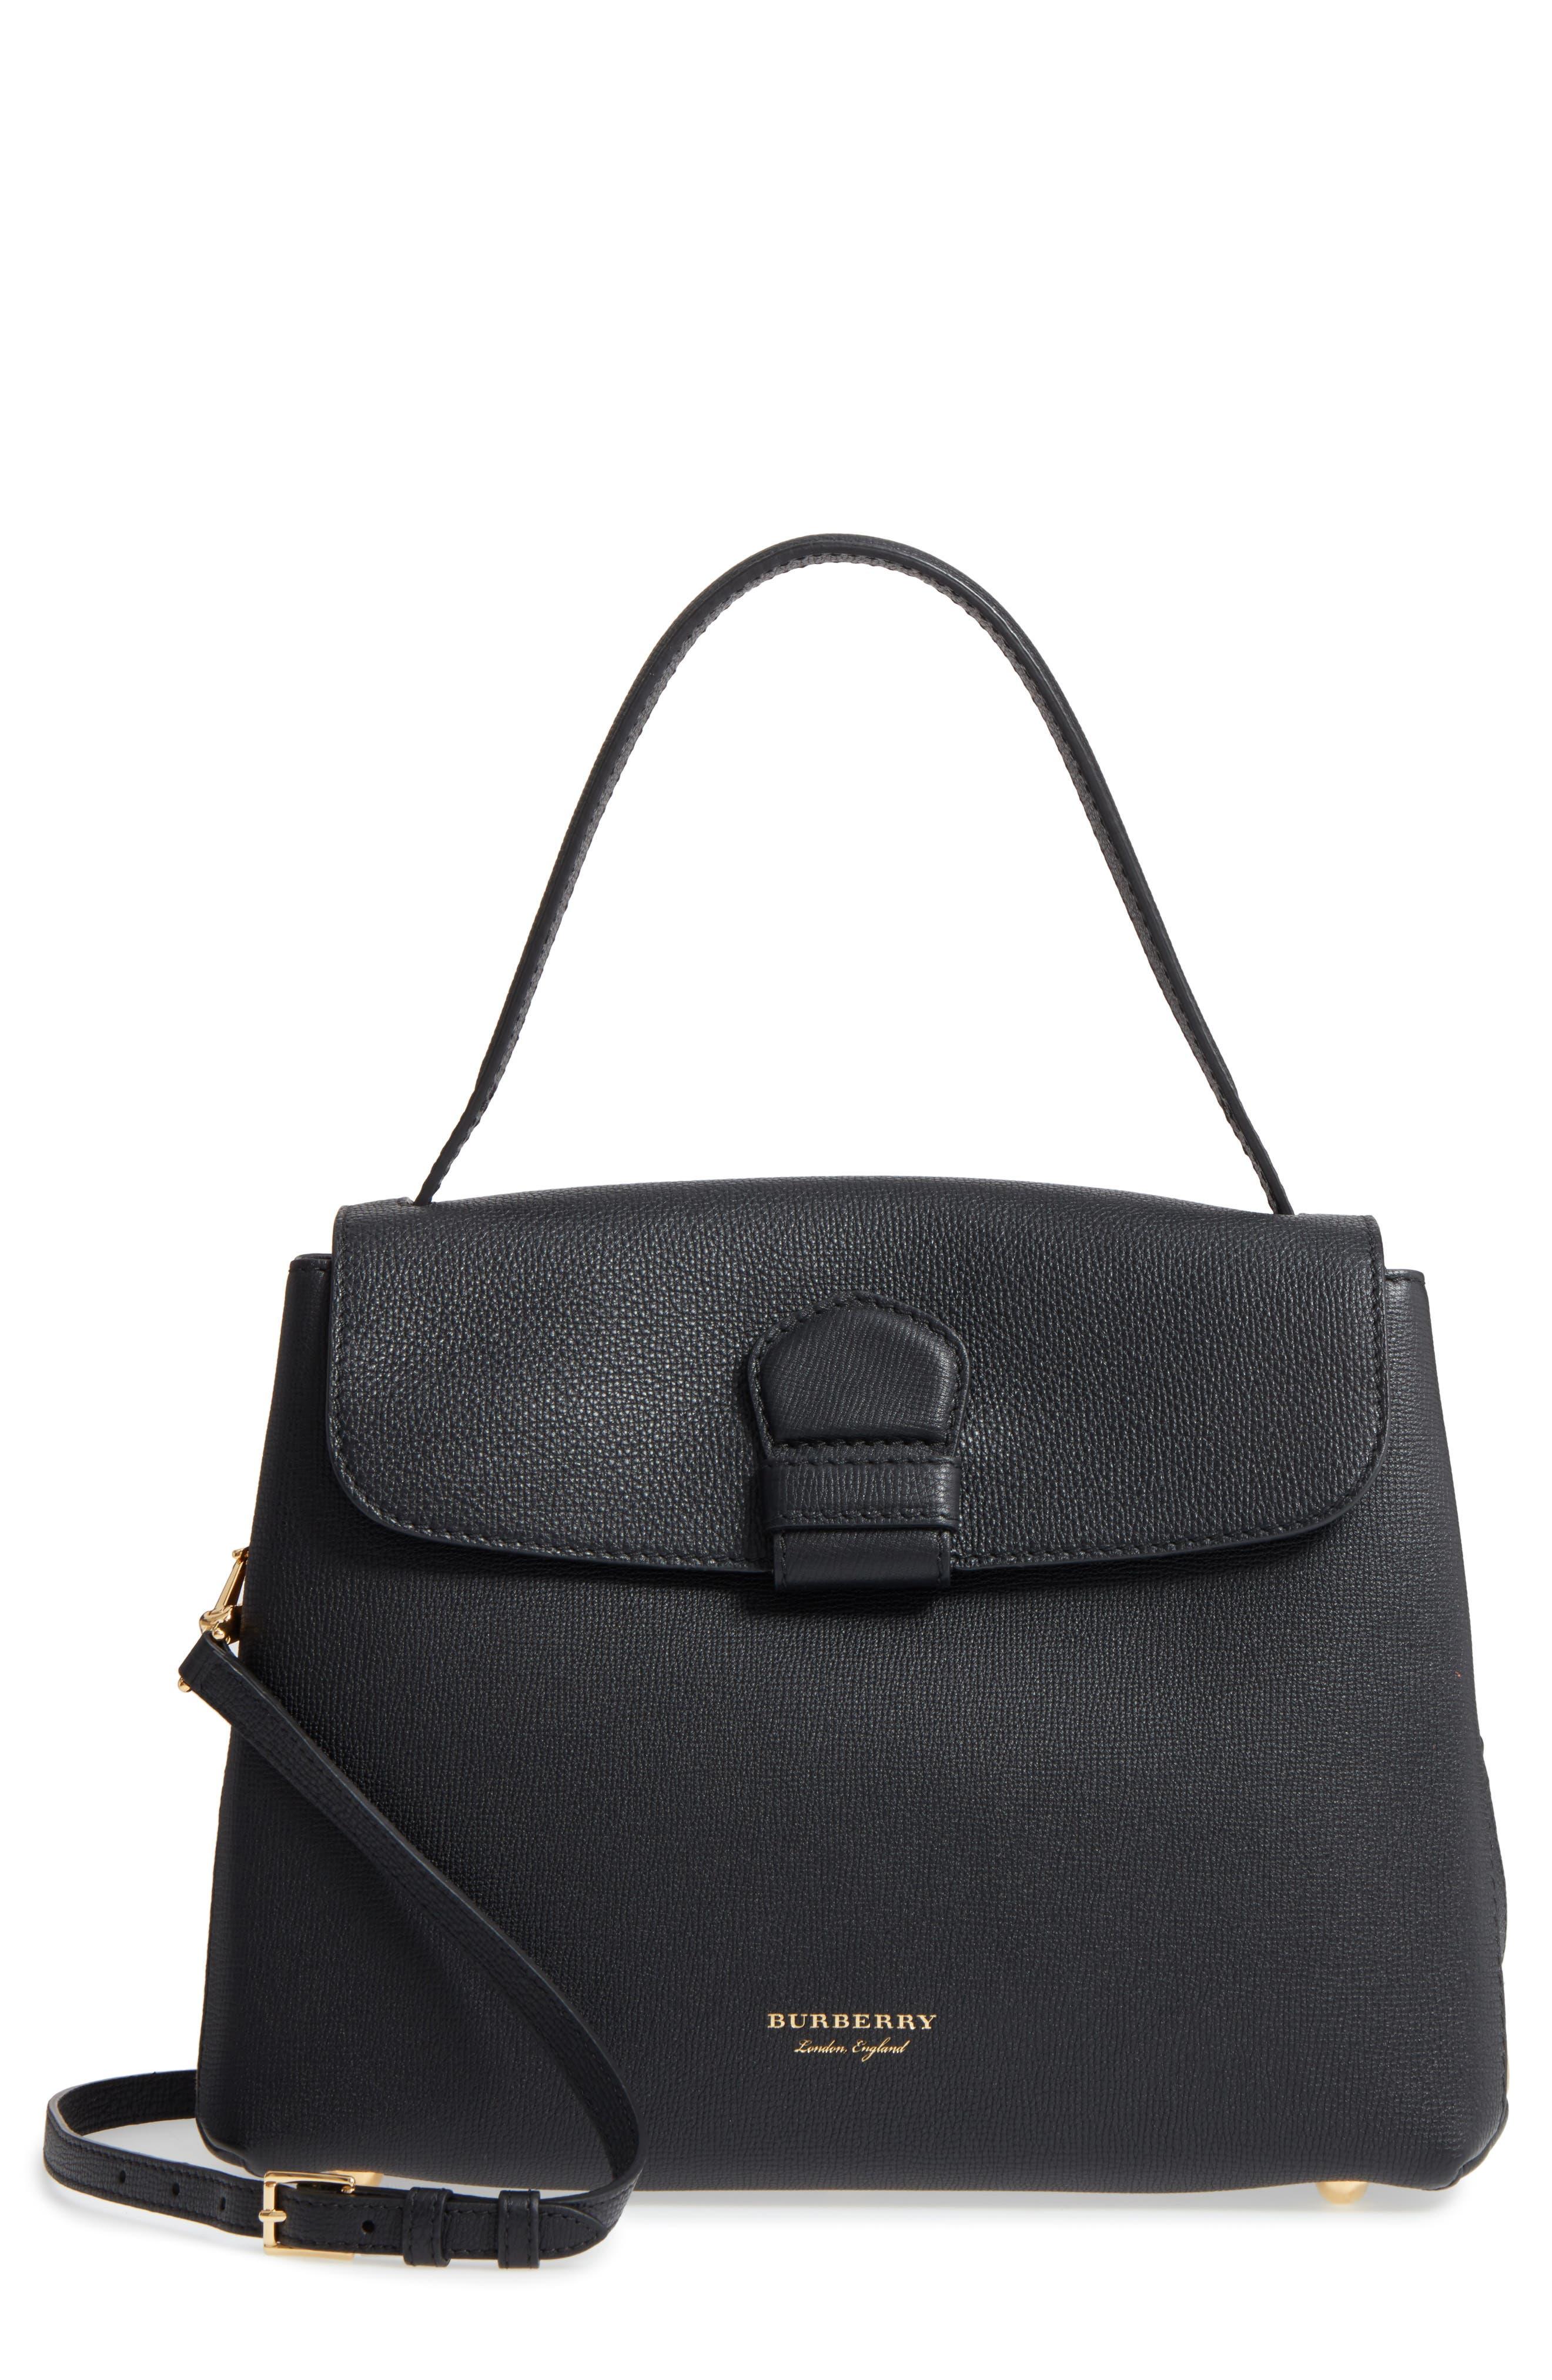 ef229d520089 Burberry Women s Handbags